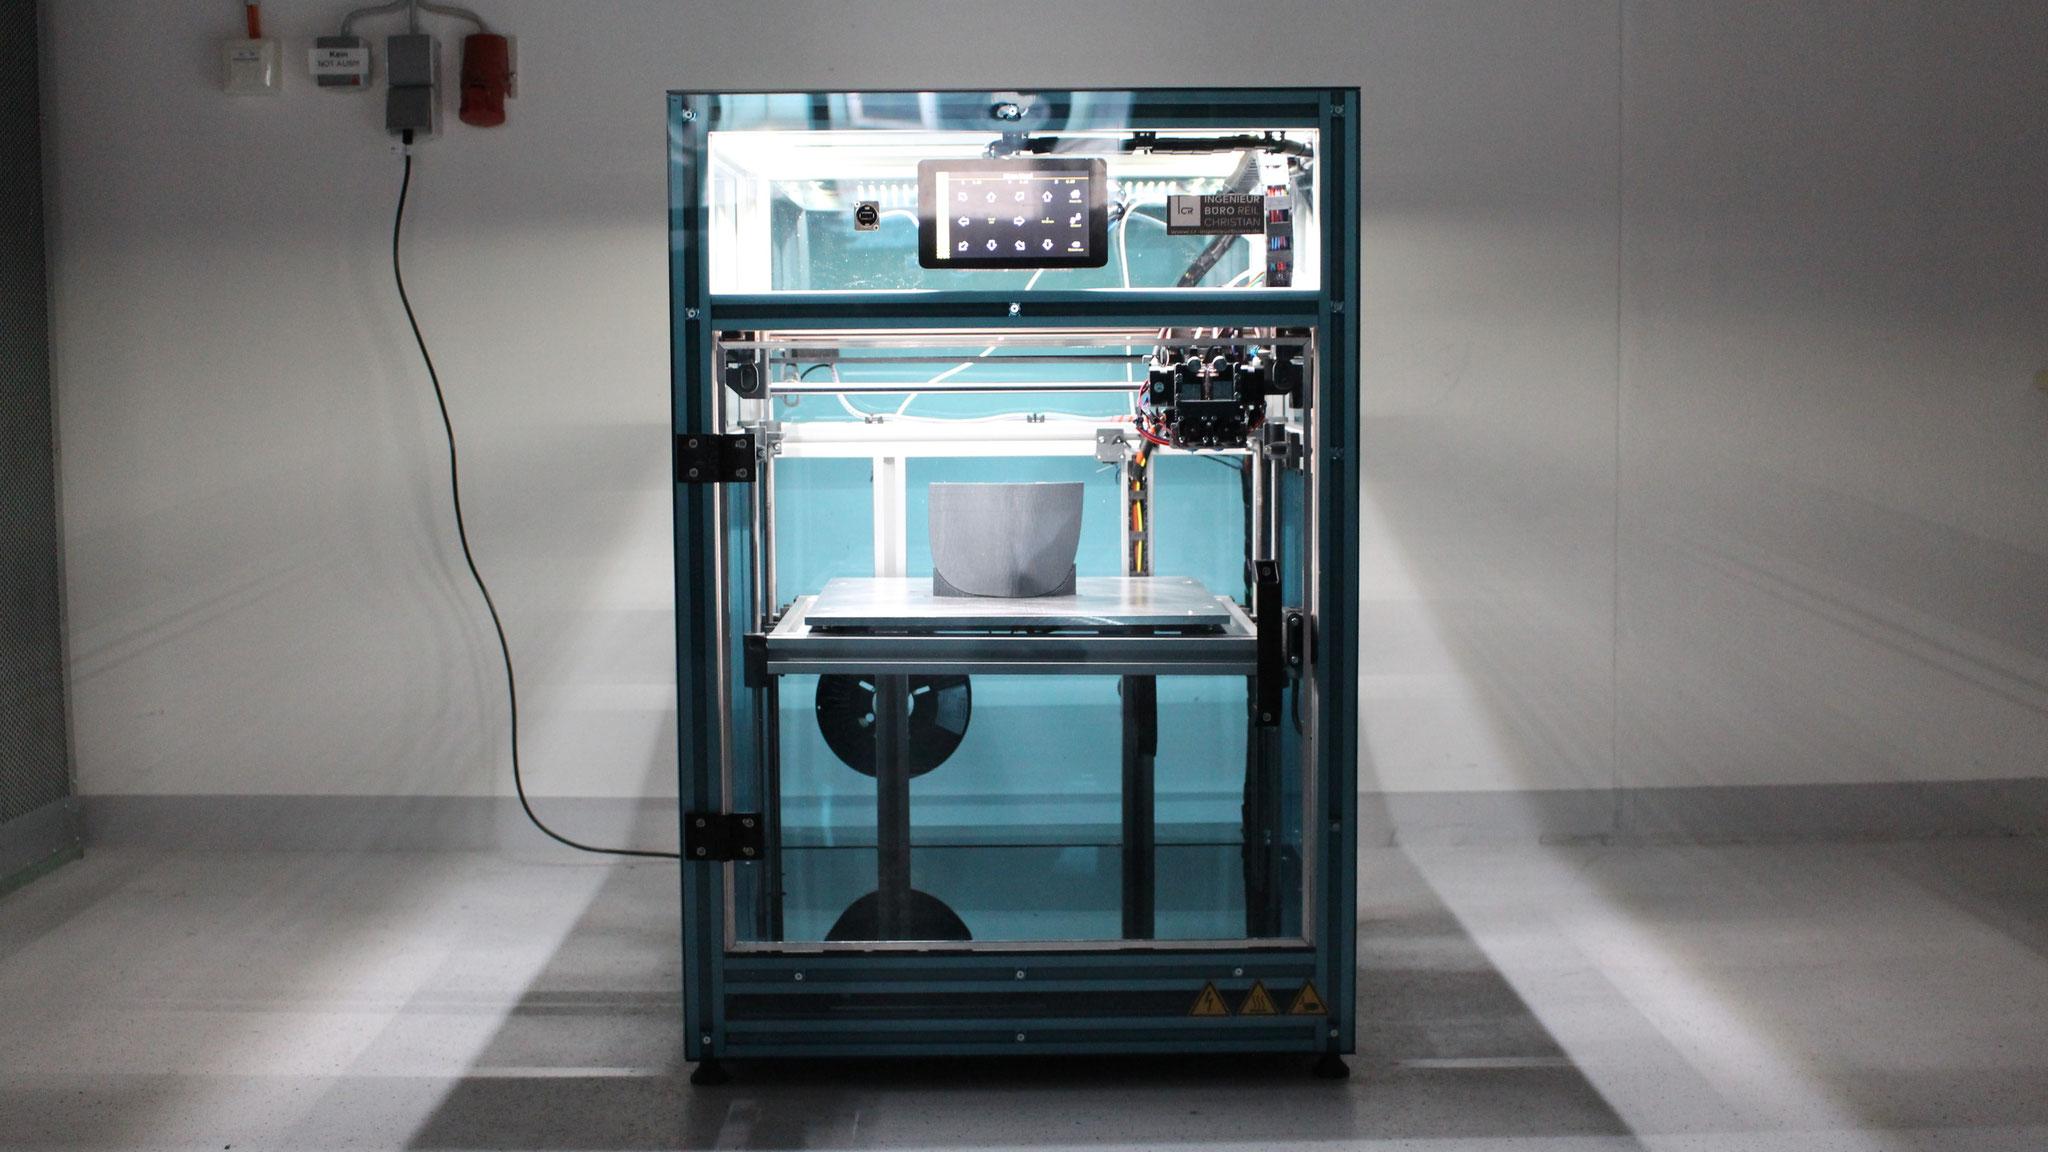 Großformat Drucker (hier 400x400x400mm)